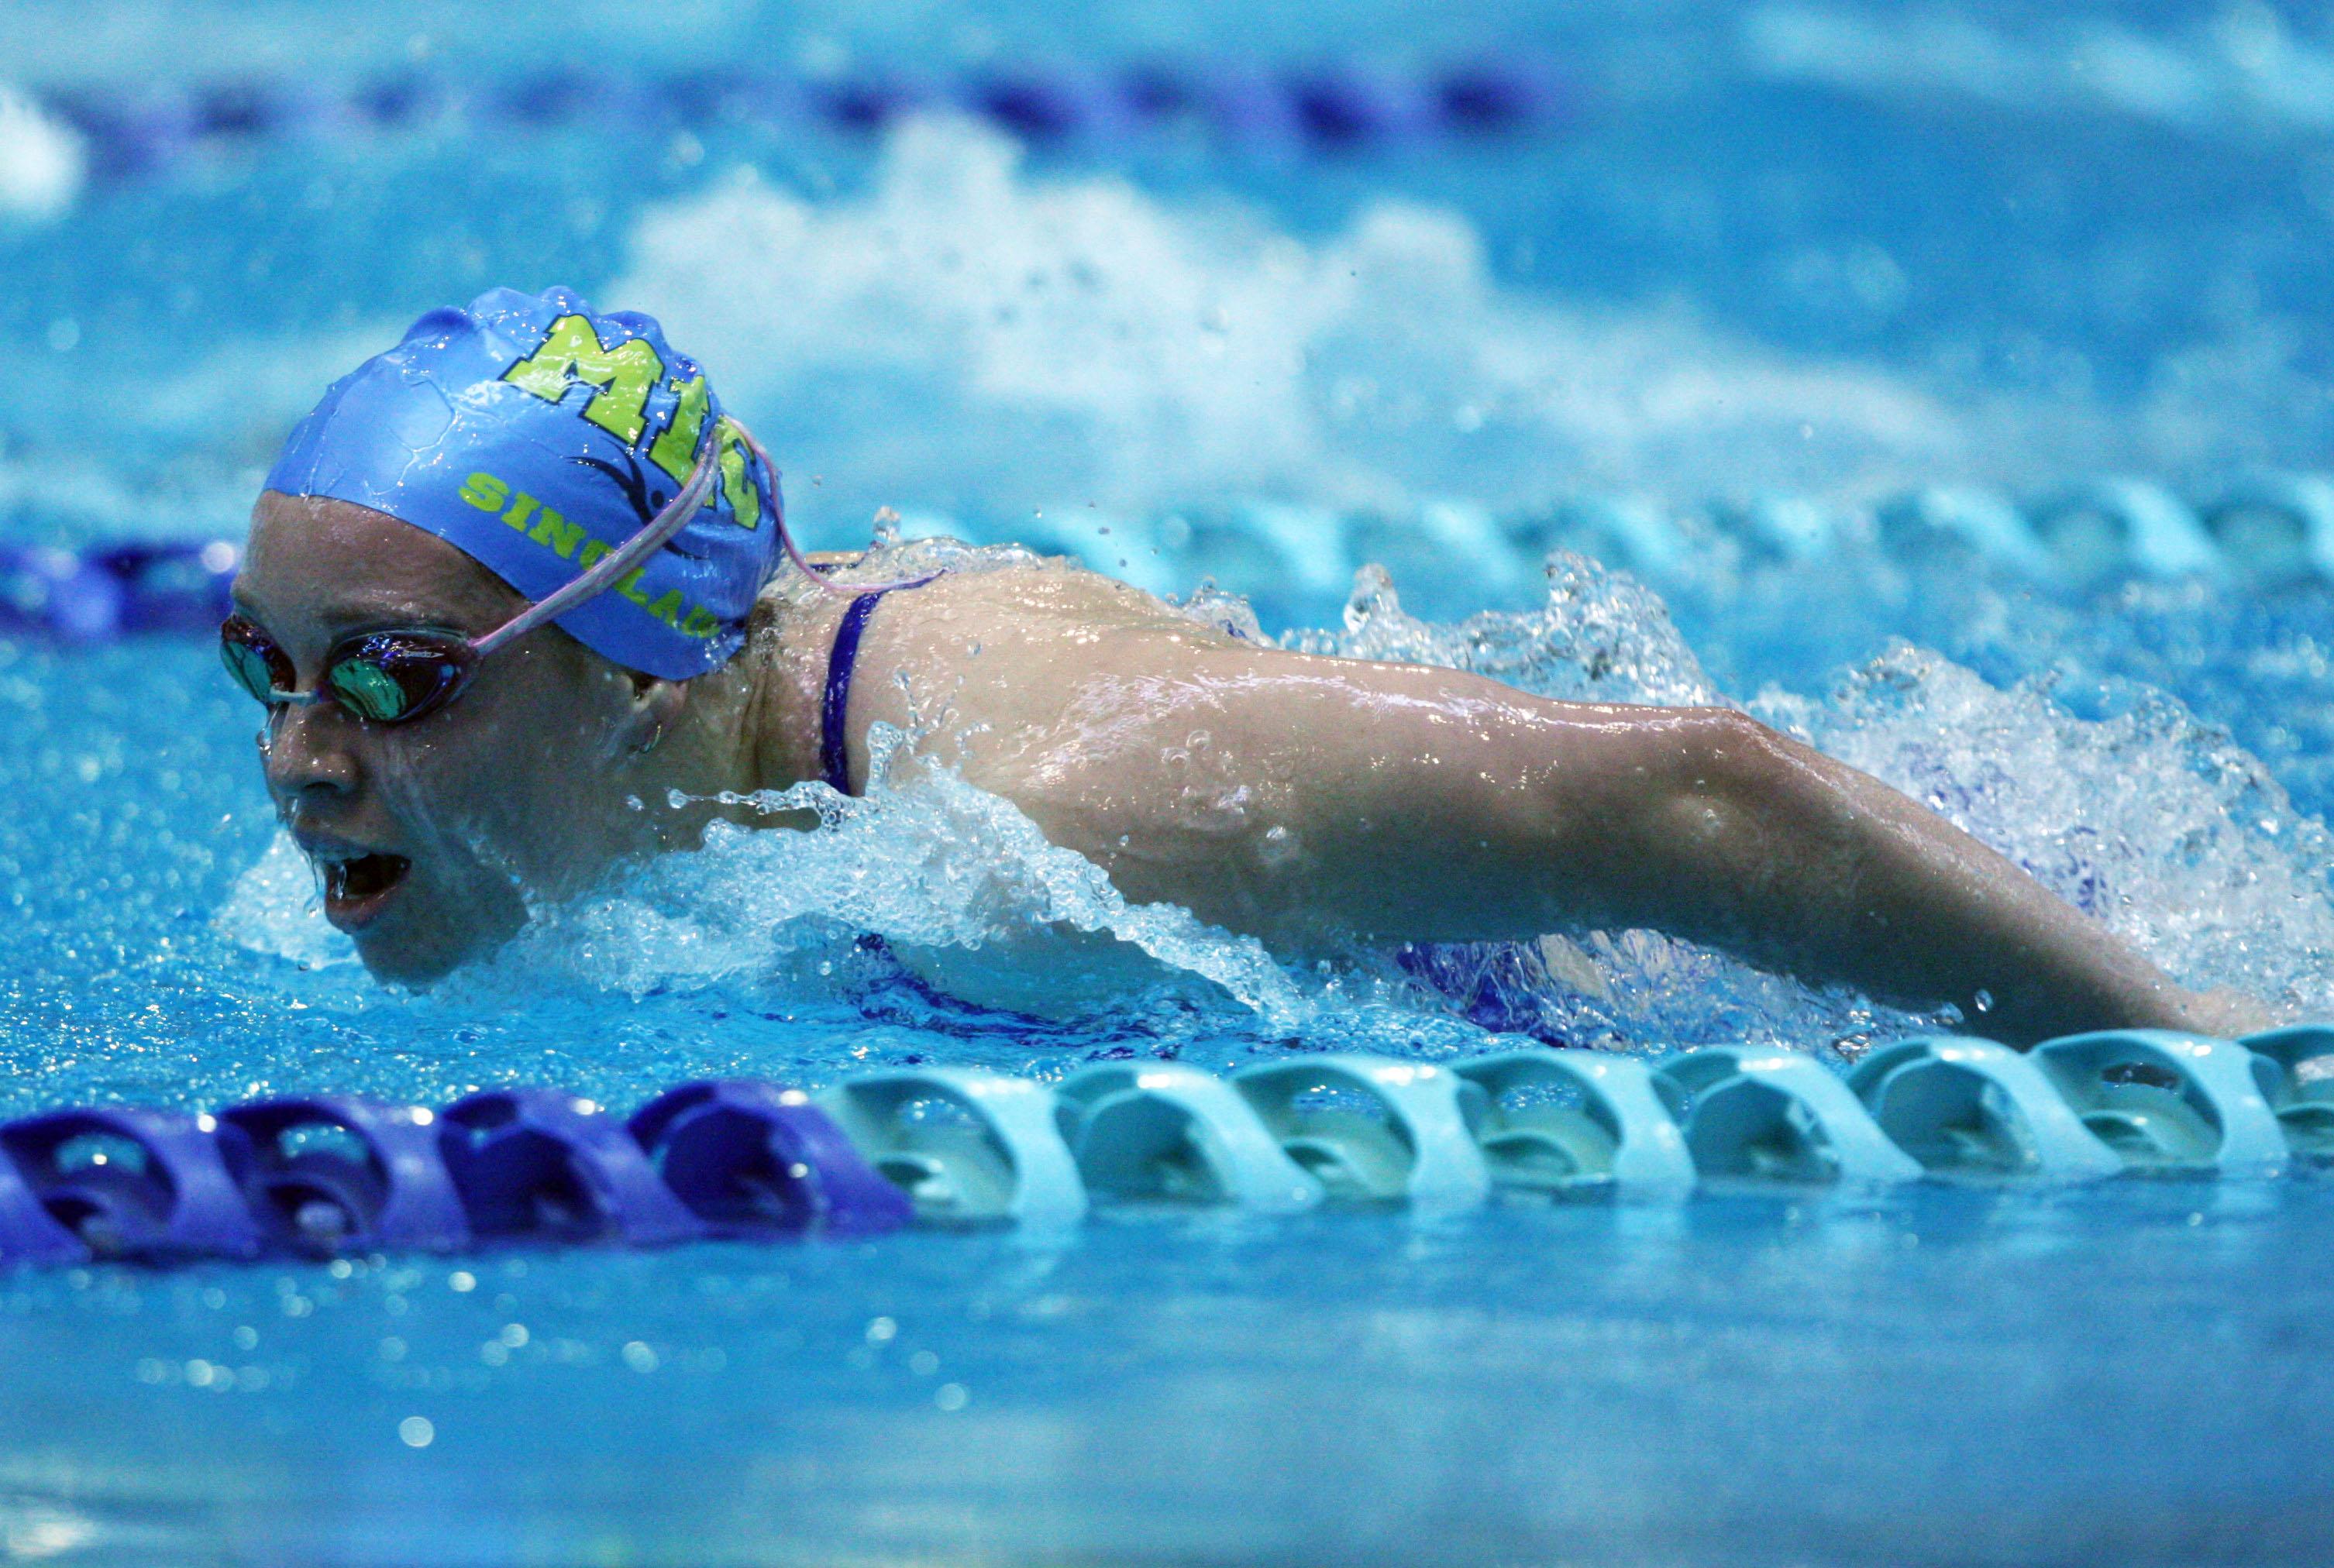 спорт картинки фото плавание этого делаете